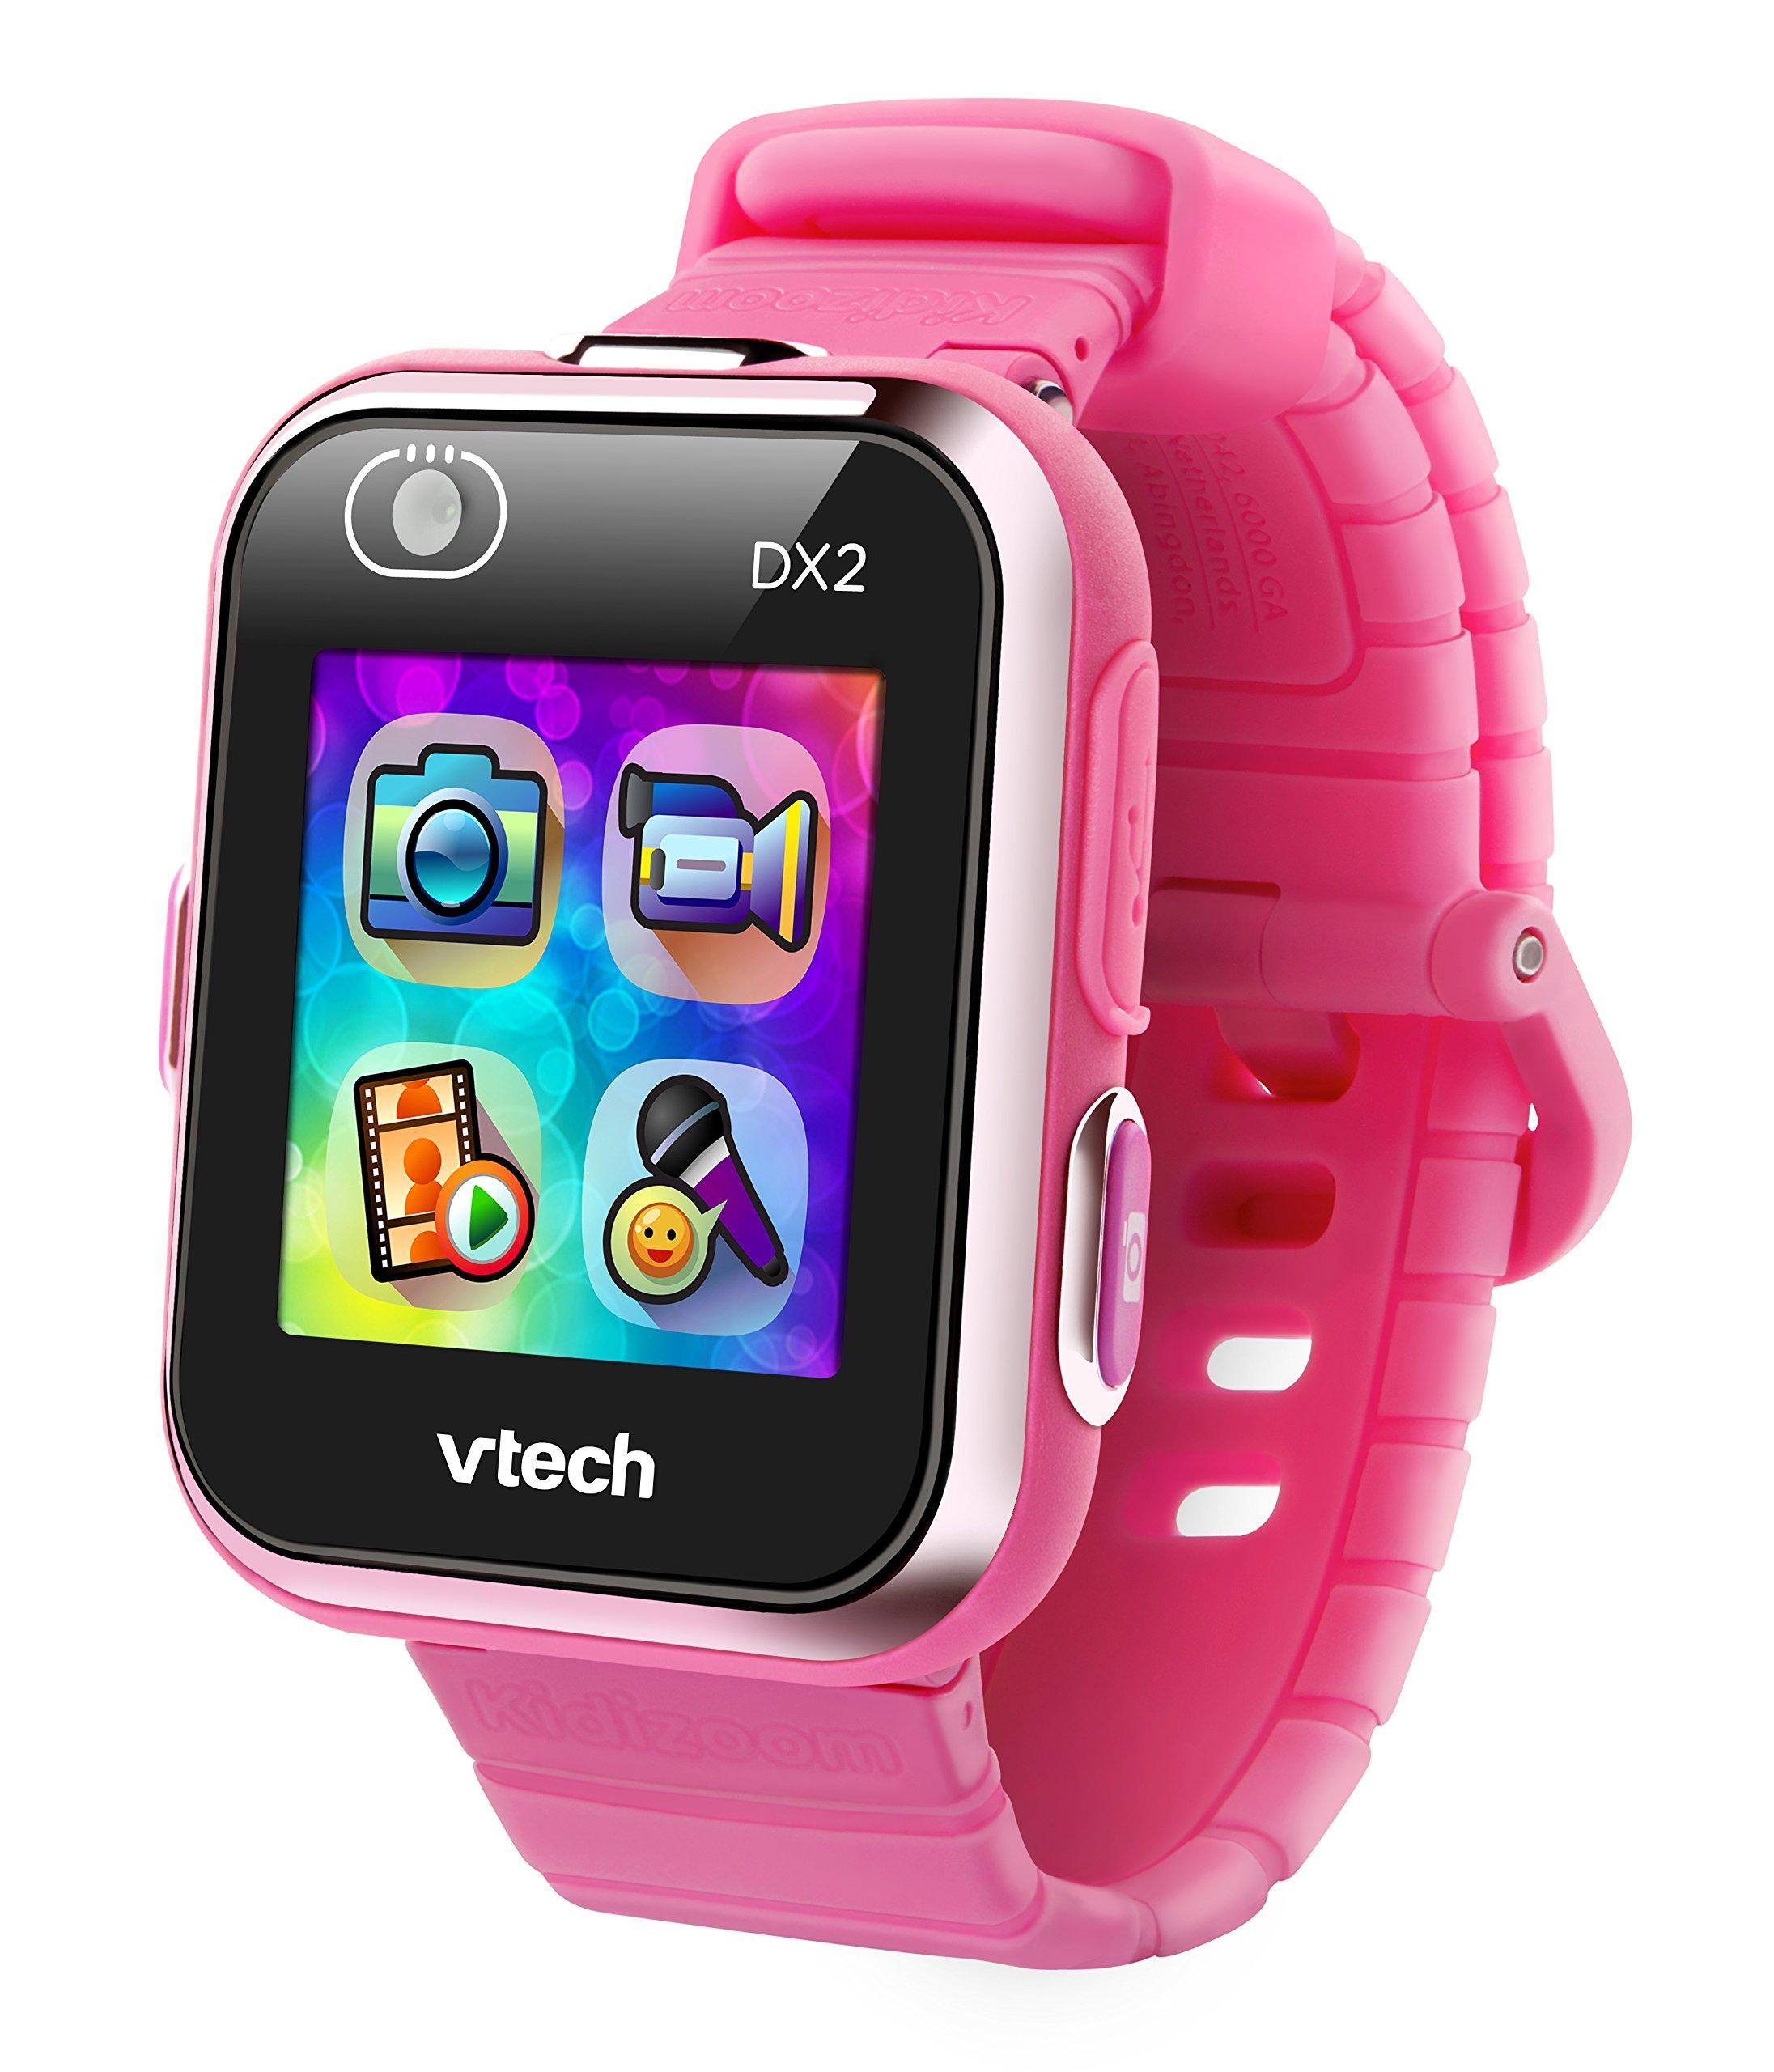 VTech Kidizoom Smart Watch DX2 2